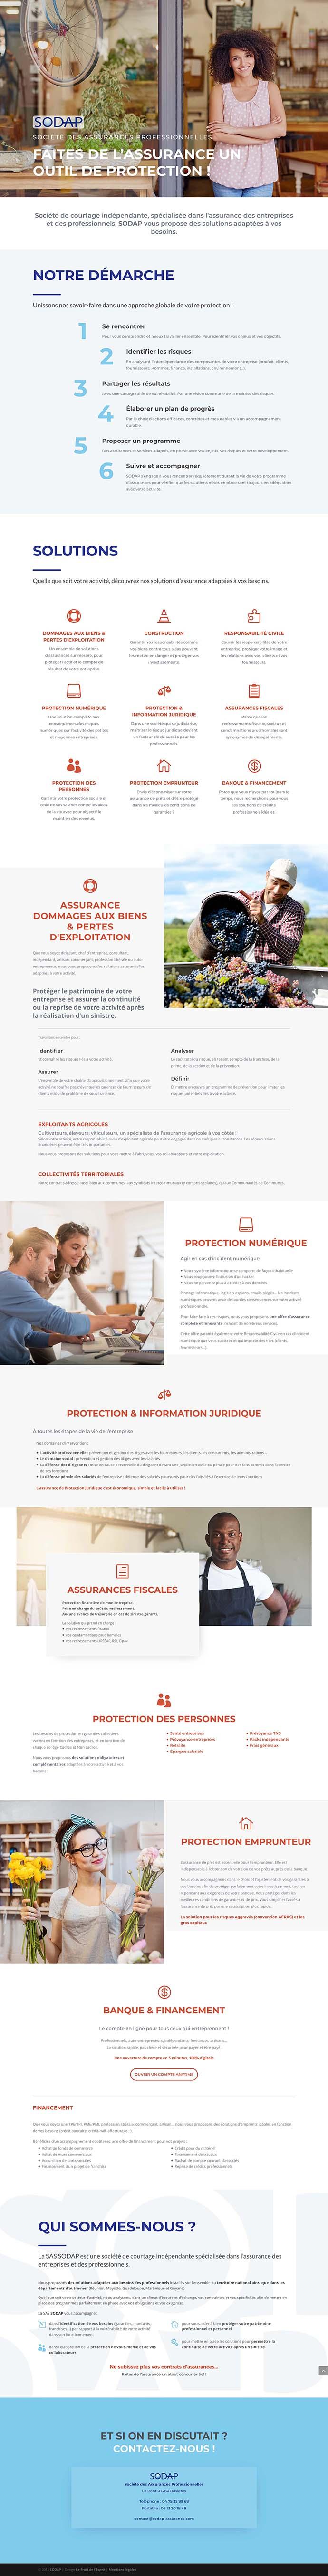 SODAP assurance - Société des Assurances Professionnelles - Site internet